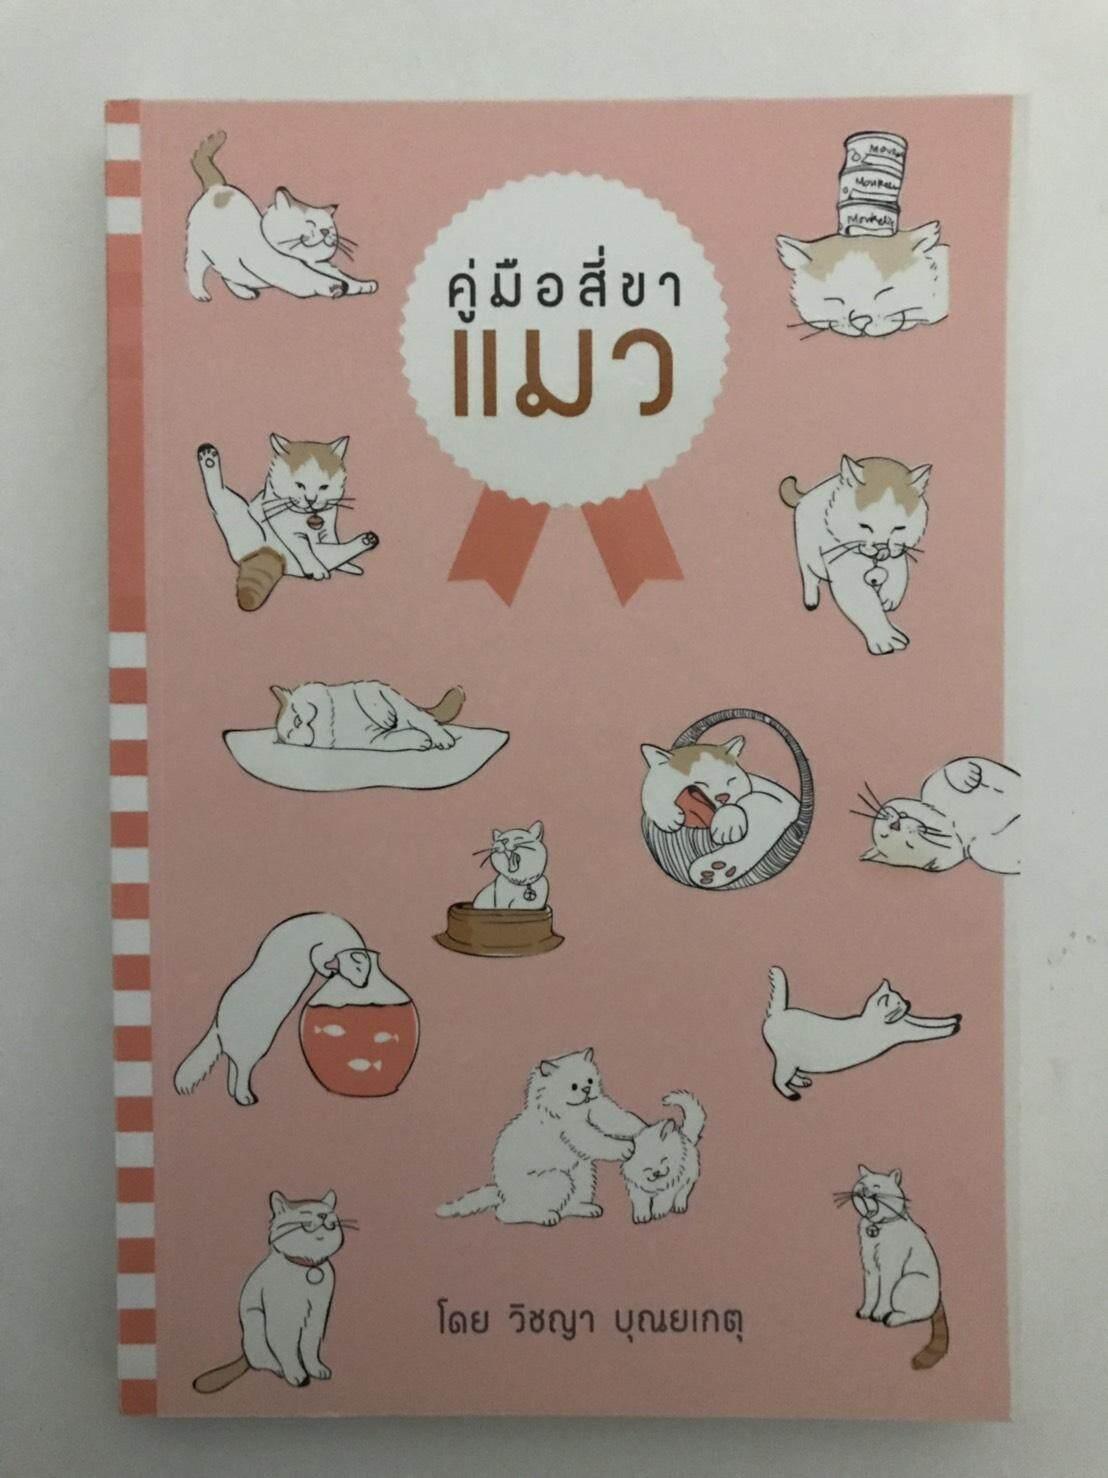 คู่มือสี่ขา แมว By Bbook Store.